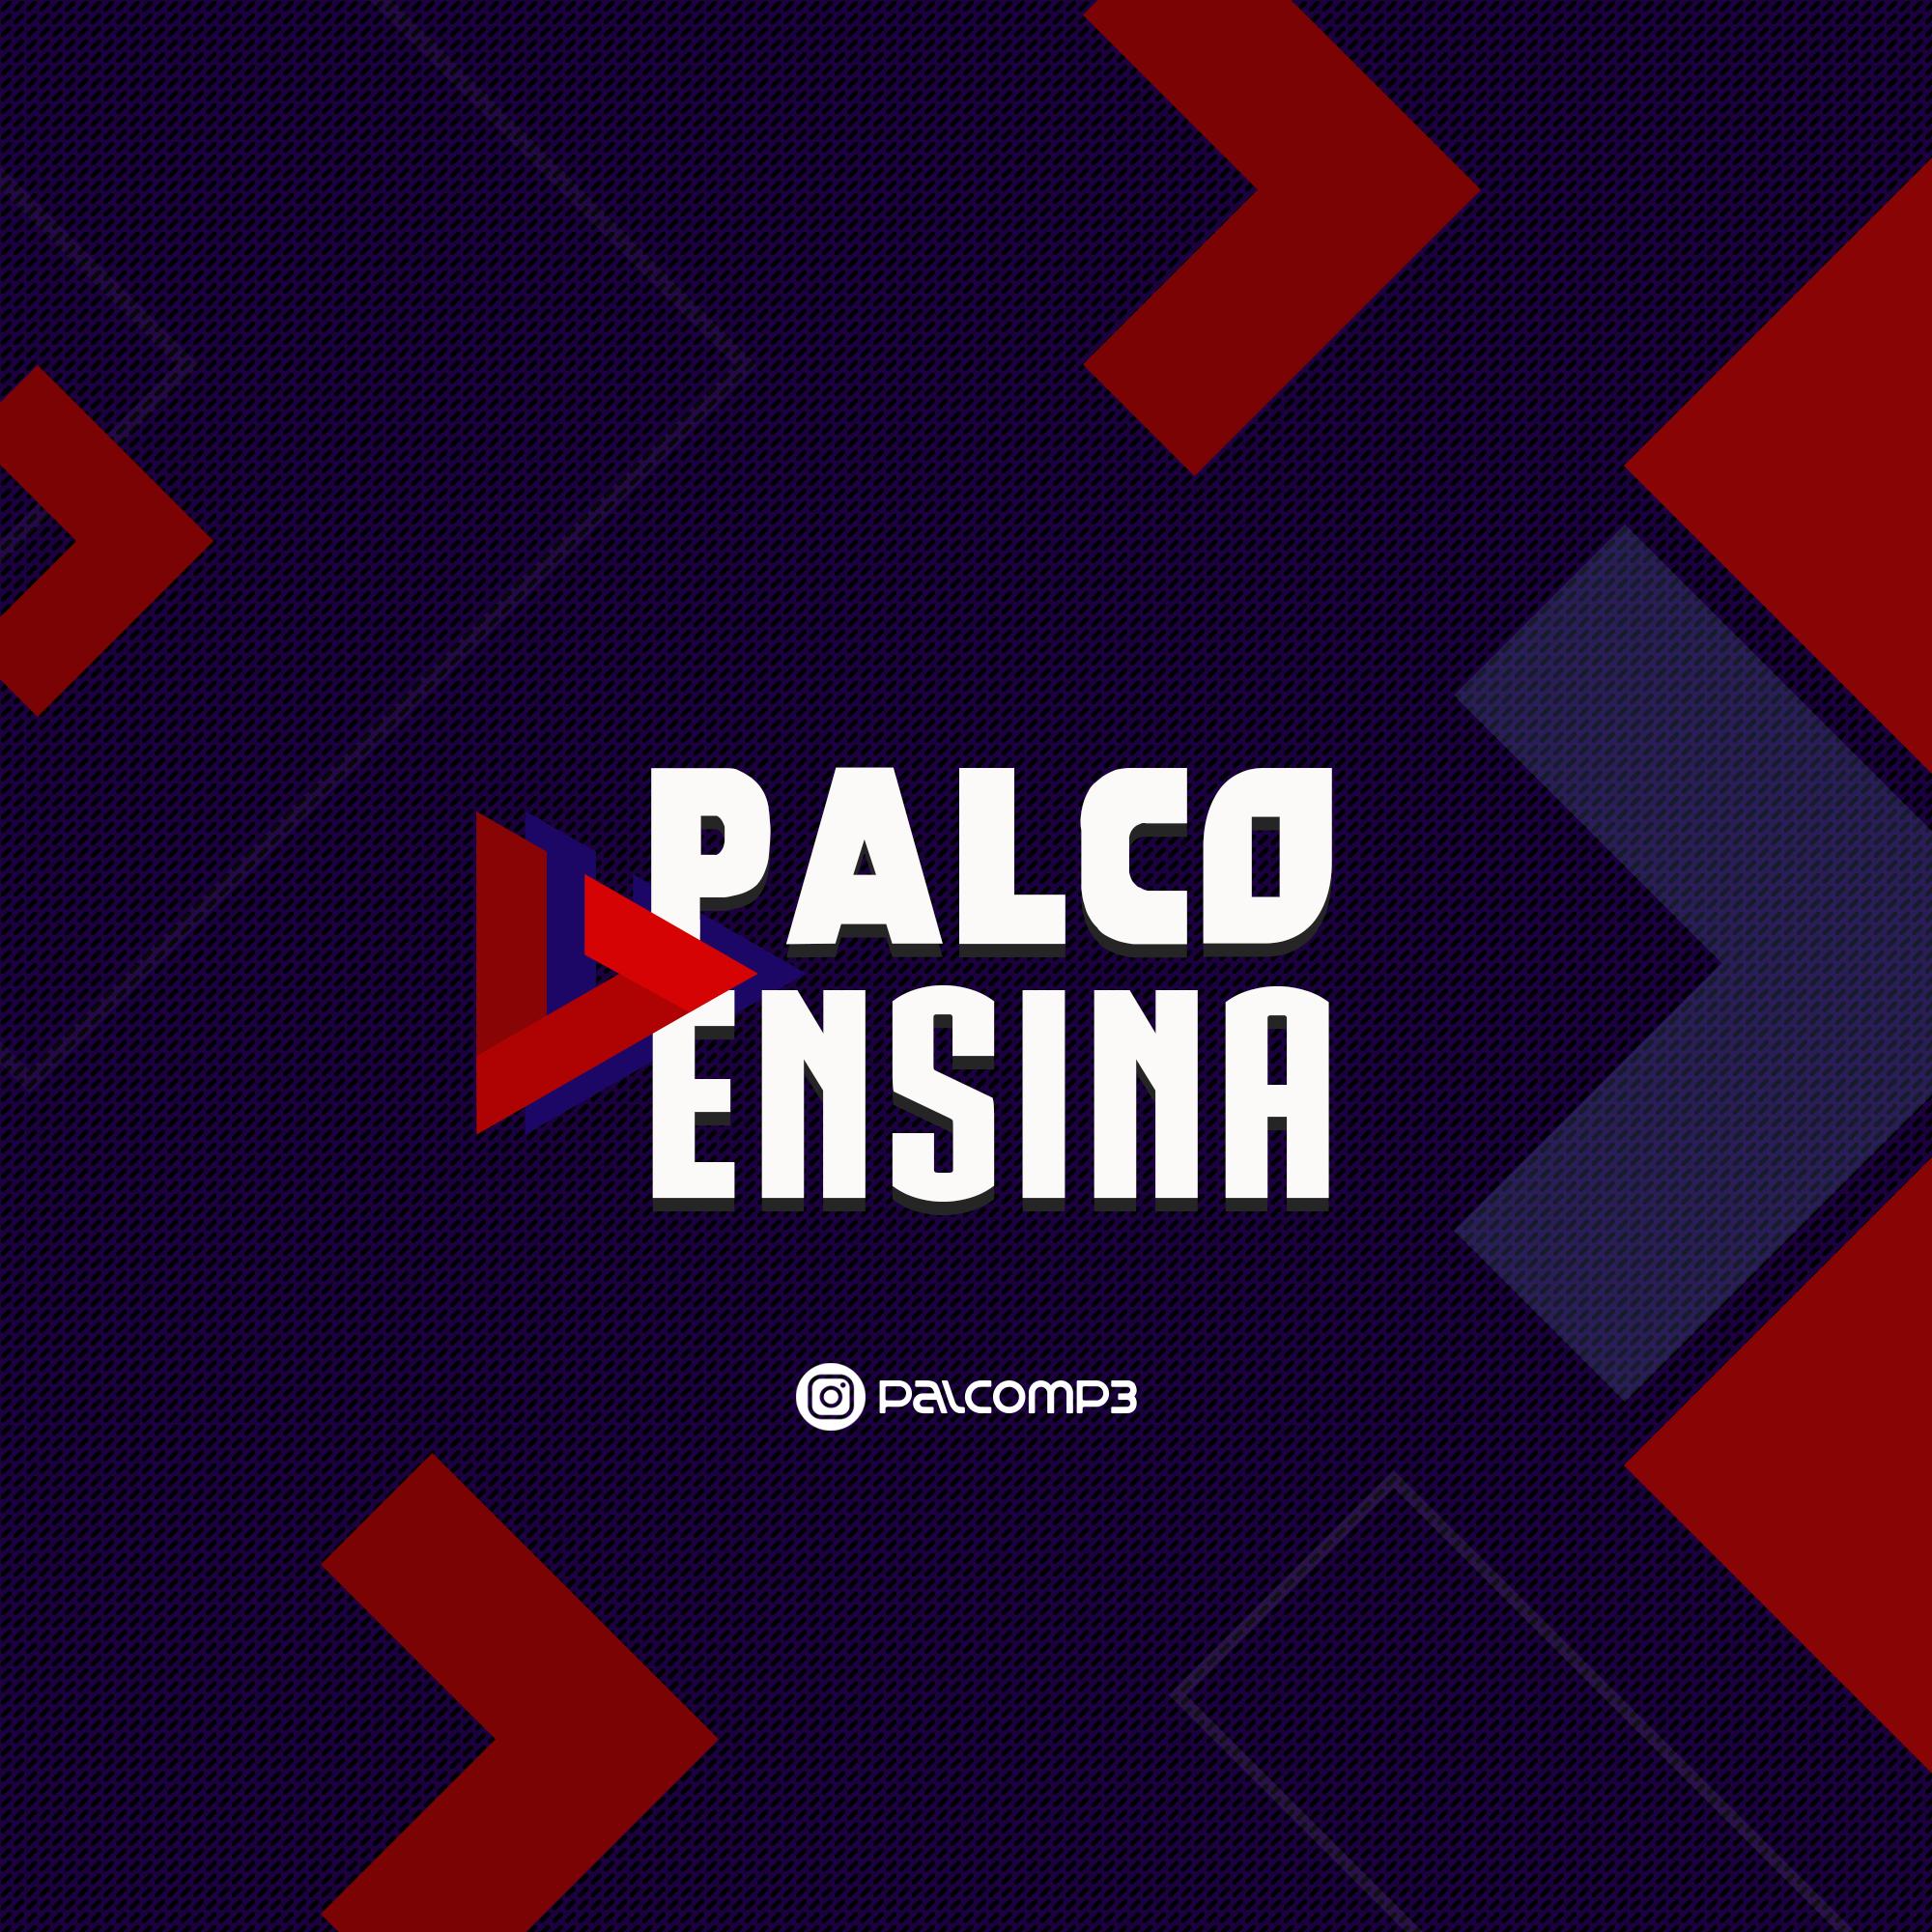 Palco Ensina logo e Instagram @palcomp3